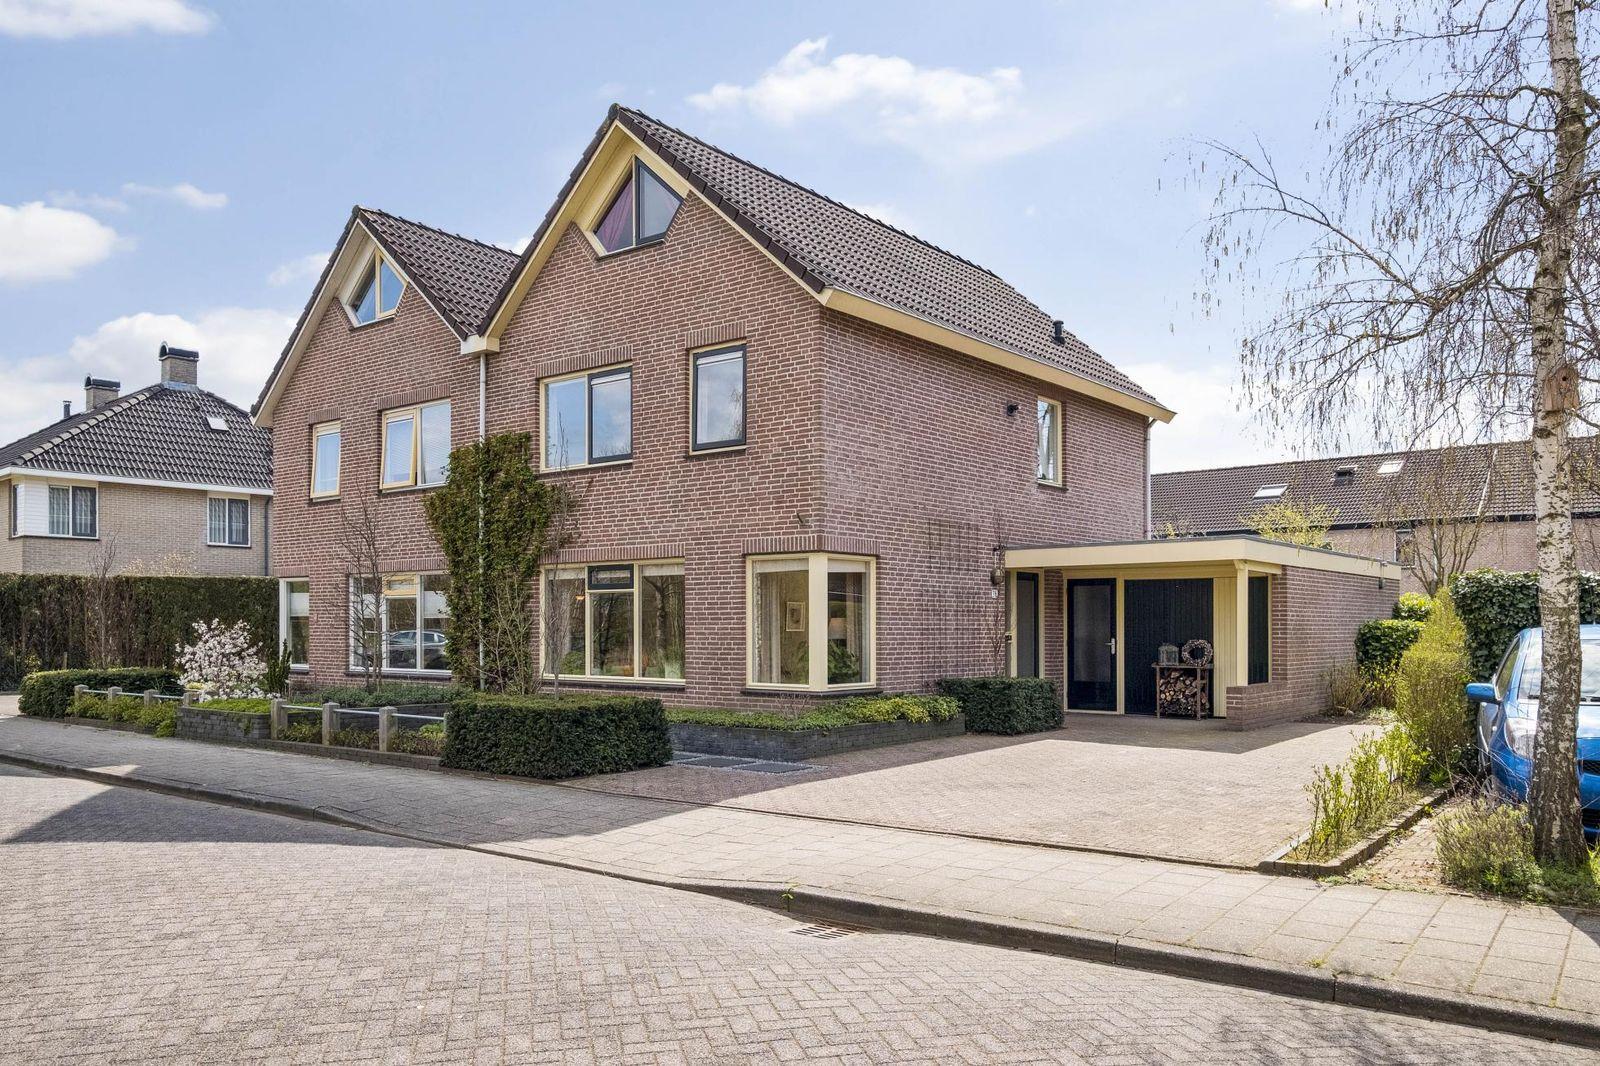 Robert van Guliklaan 36, Zutphen